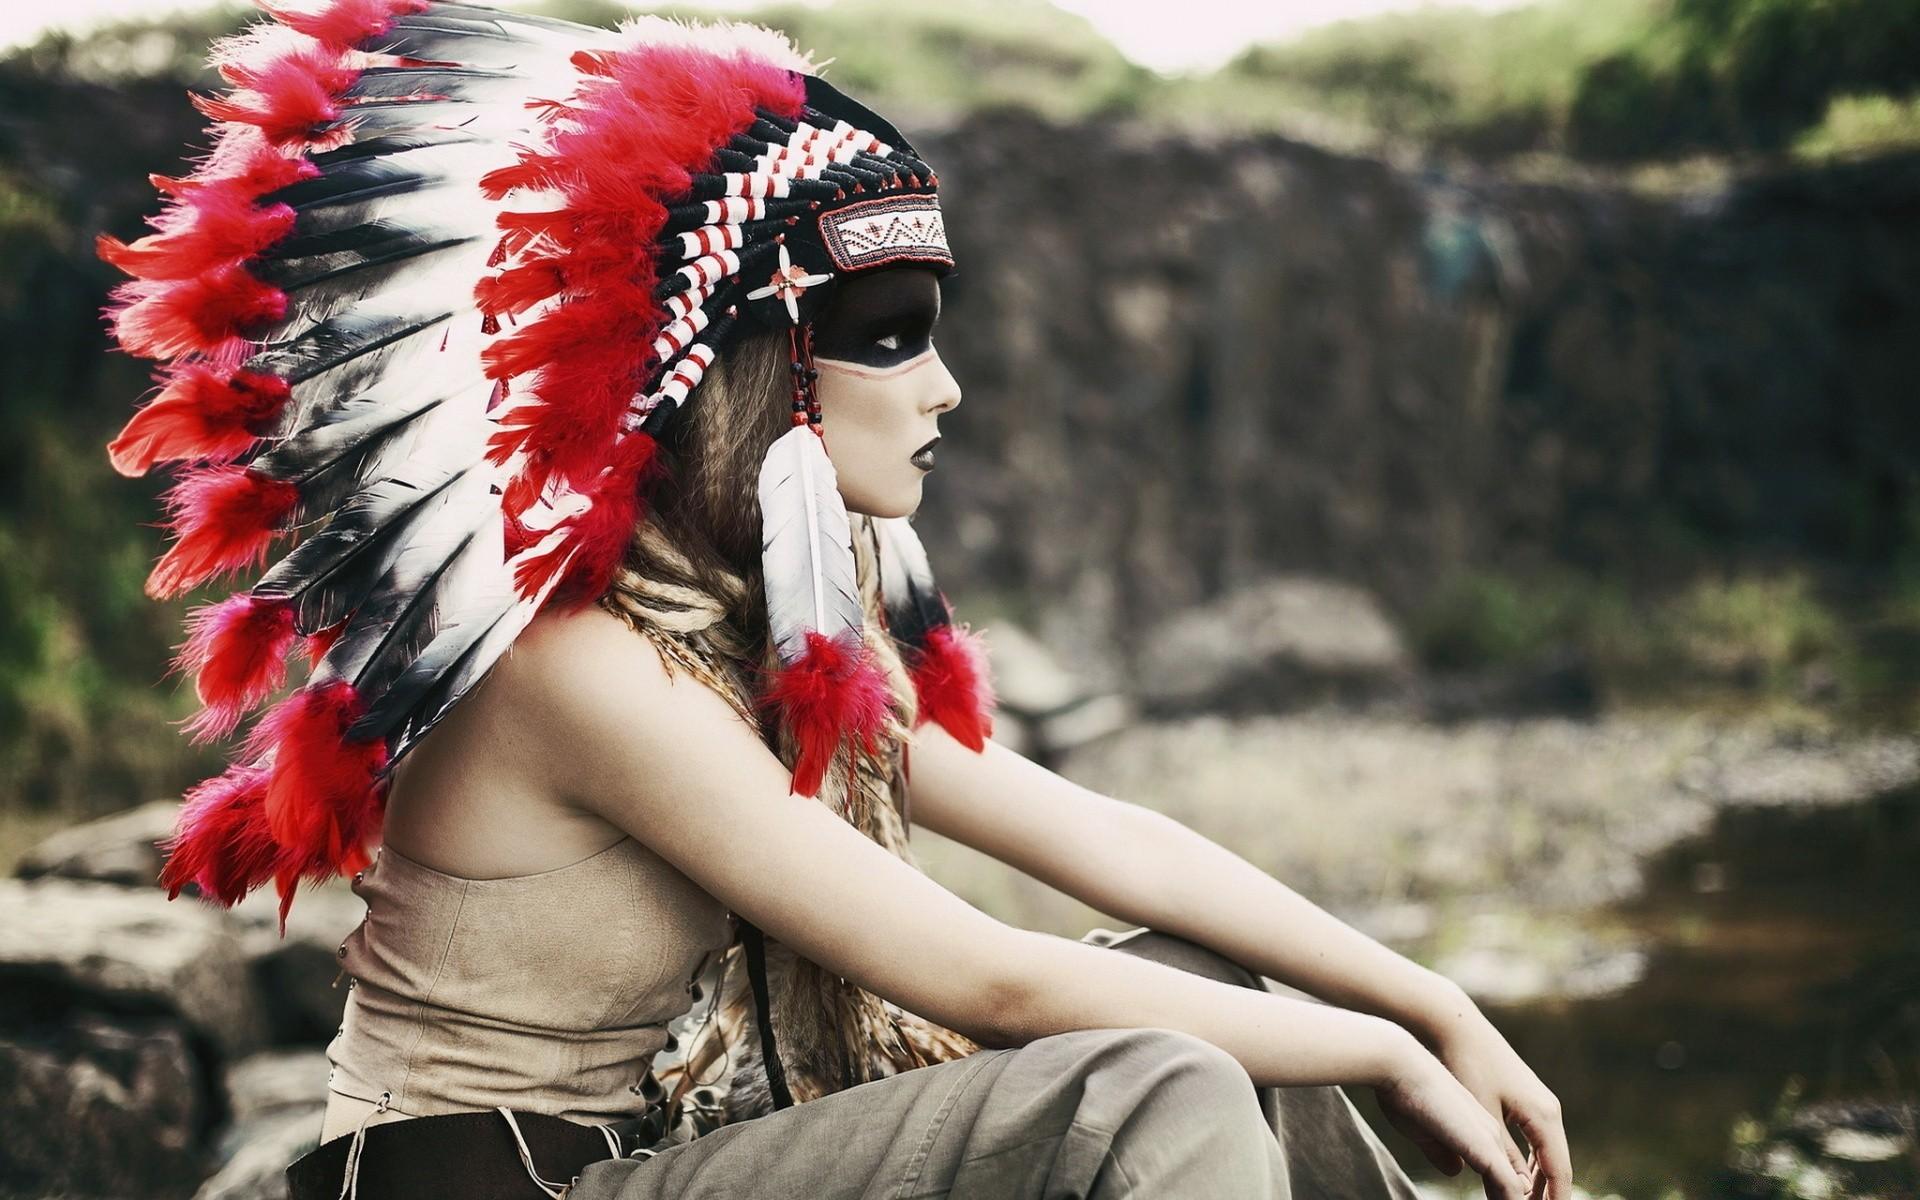 местного обои на рабочий стол индейцы северной америки бюгельного